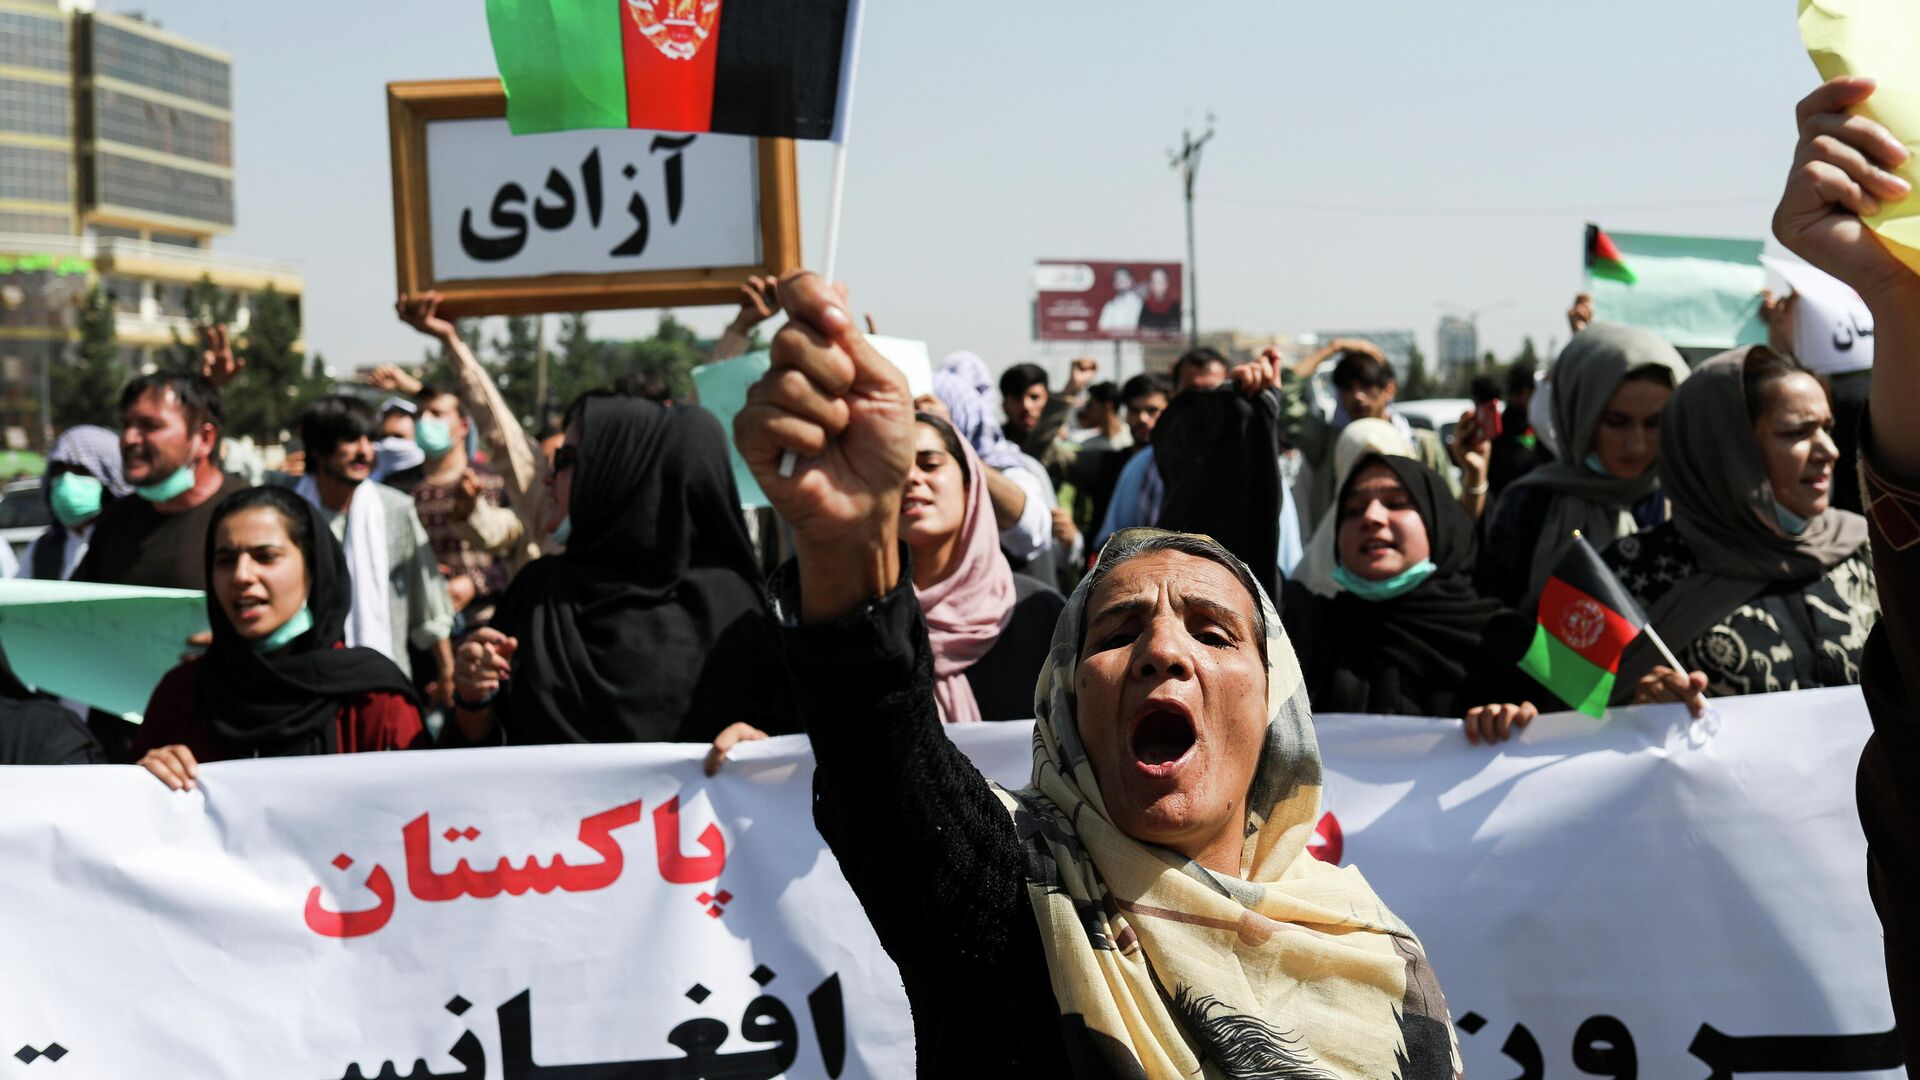 Афганские женщины по время антипакистанской акции протеста в Кабуле - РИА Новости, 1920, 08.09.2021